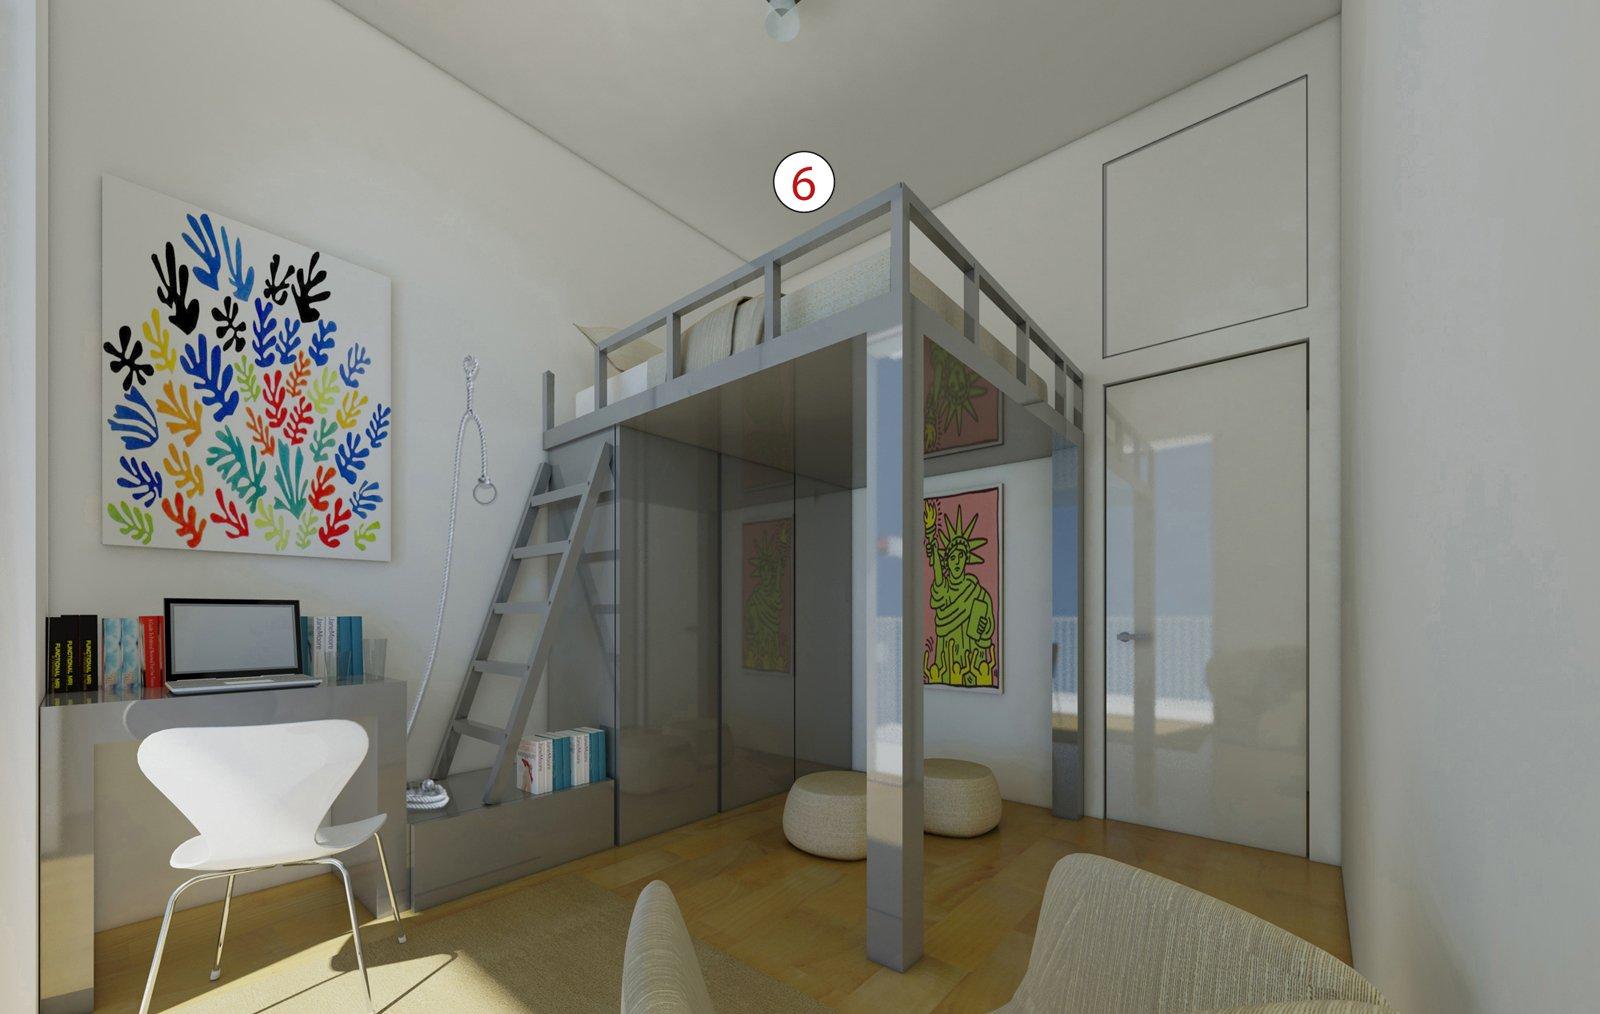 Tante idee per migliorare casa focus sulla zona notte - Idee soppalco camera da letto ...